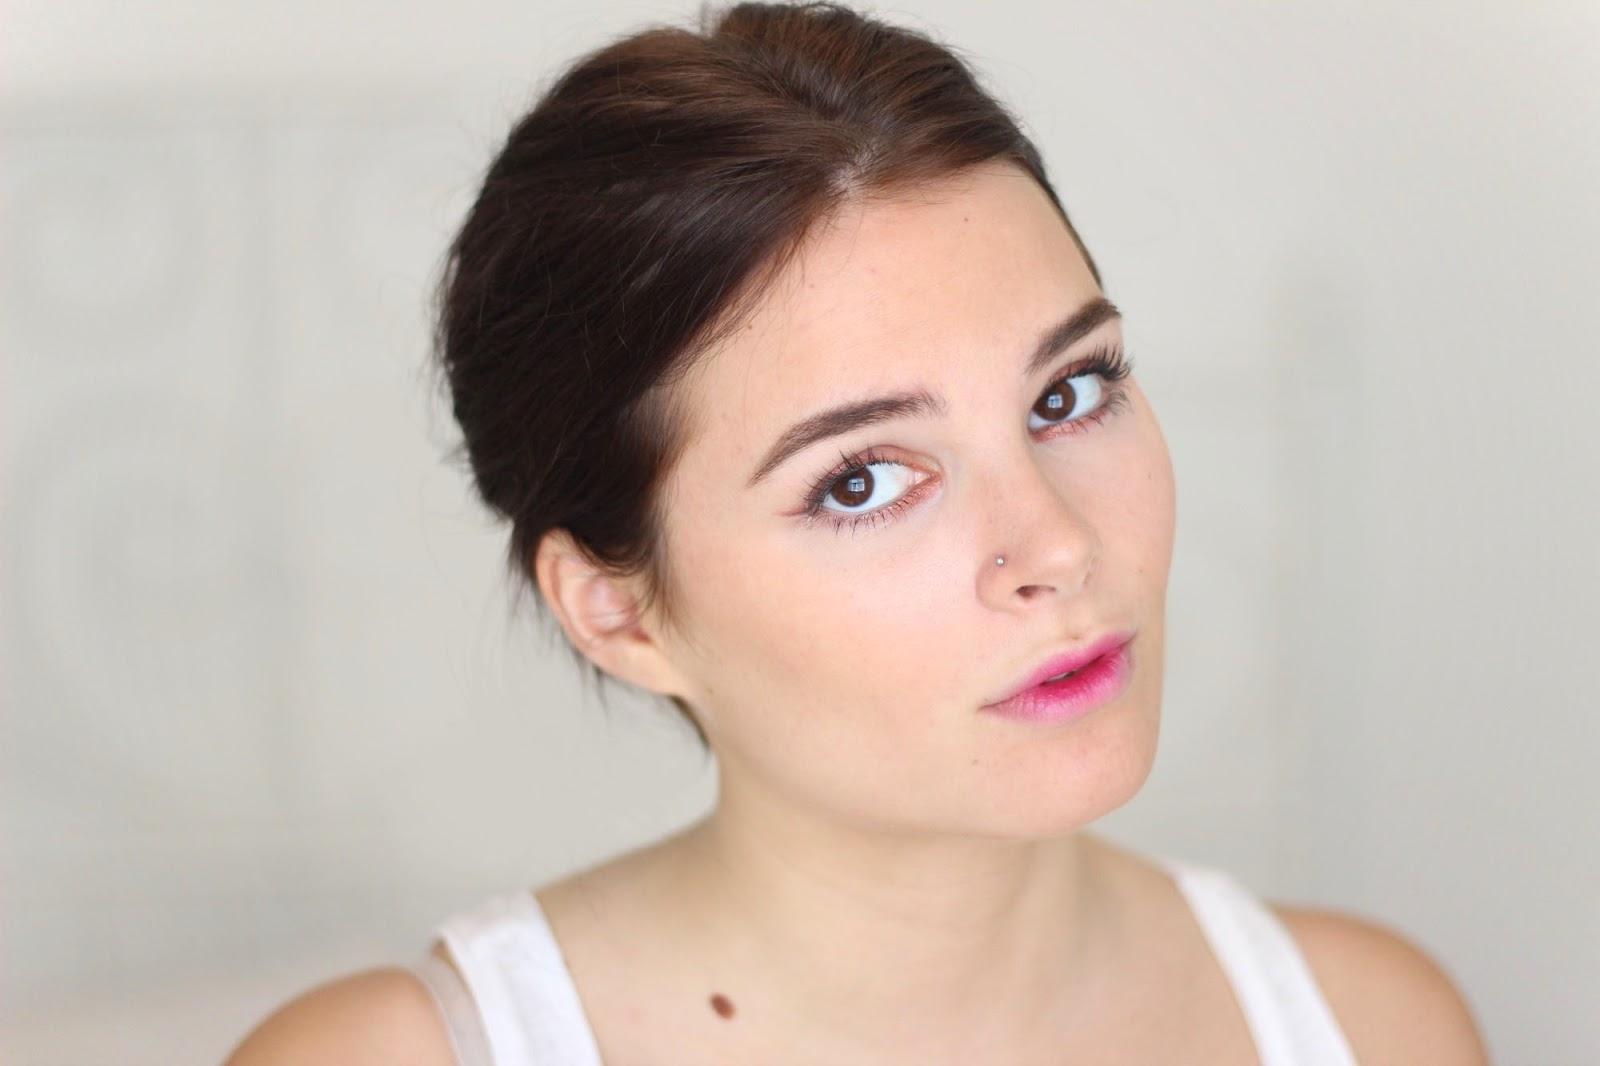 Rozmyte usta, czyli wiosenny trend w makijażu. Jak zrobić?